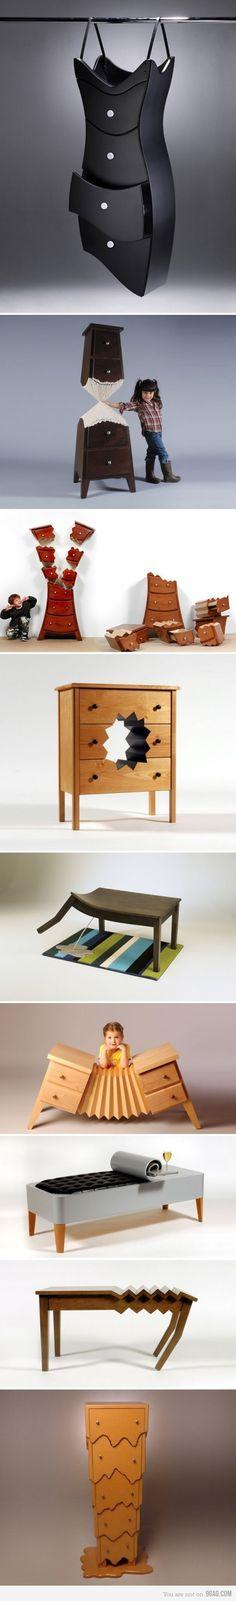 Weird and wacky furniture